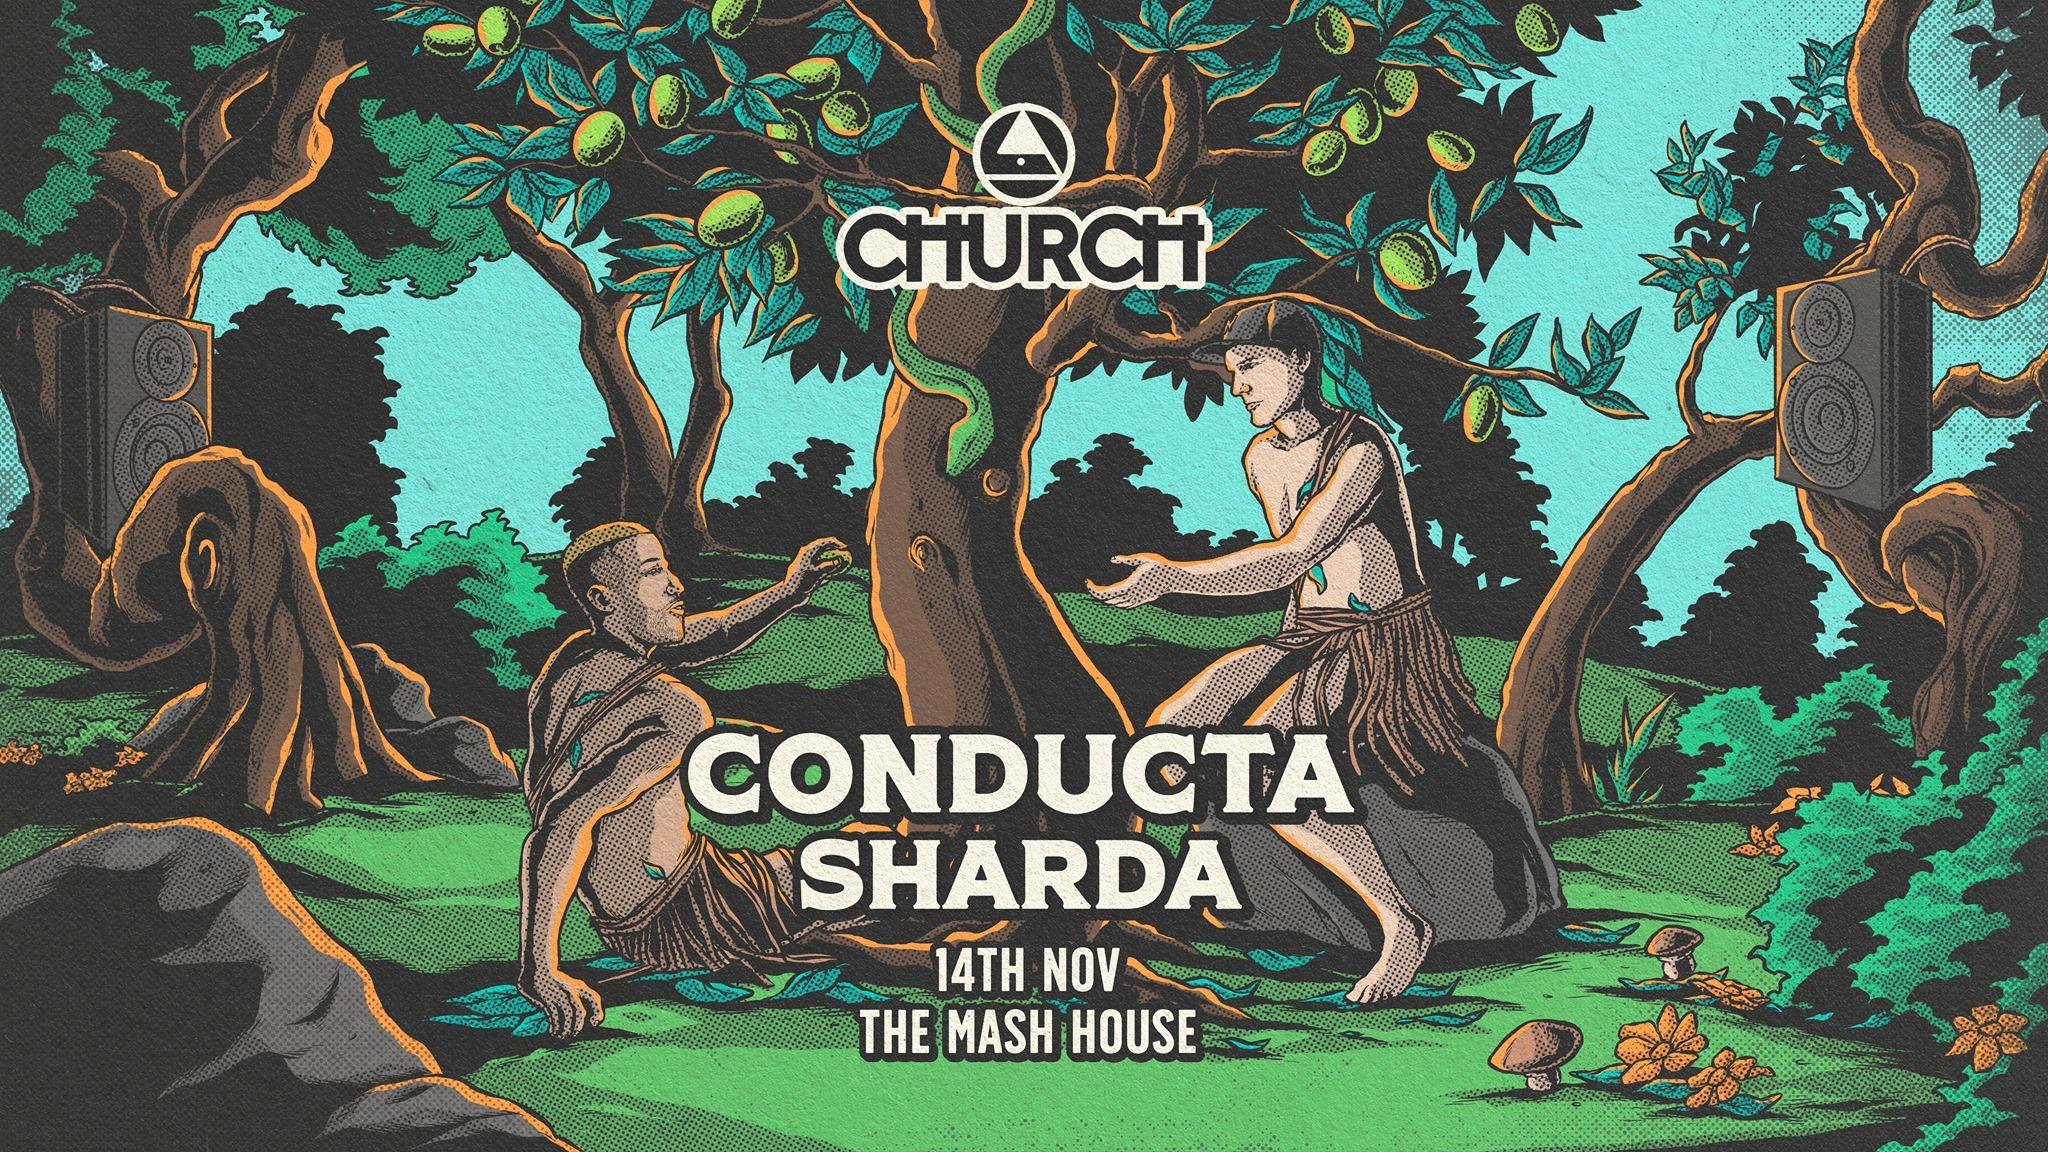 Church: Conducta + Sharda